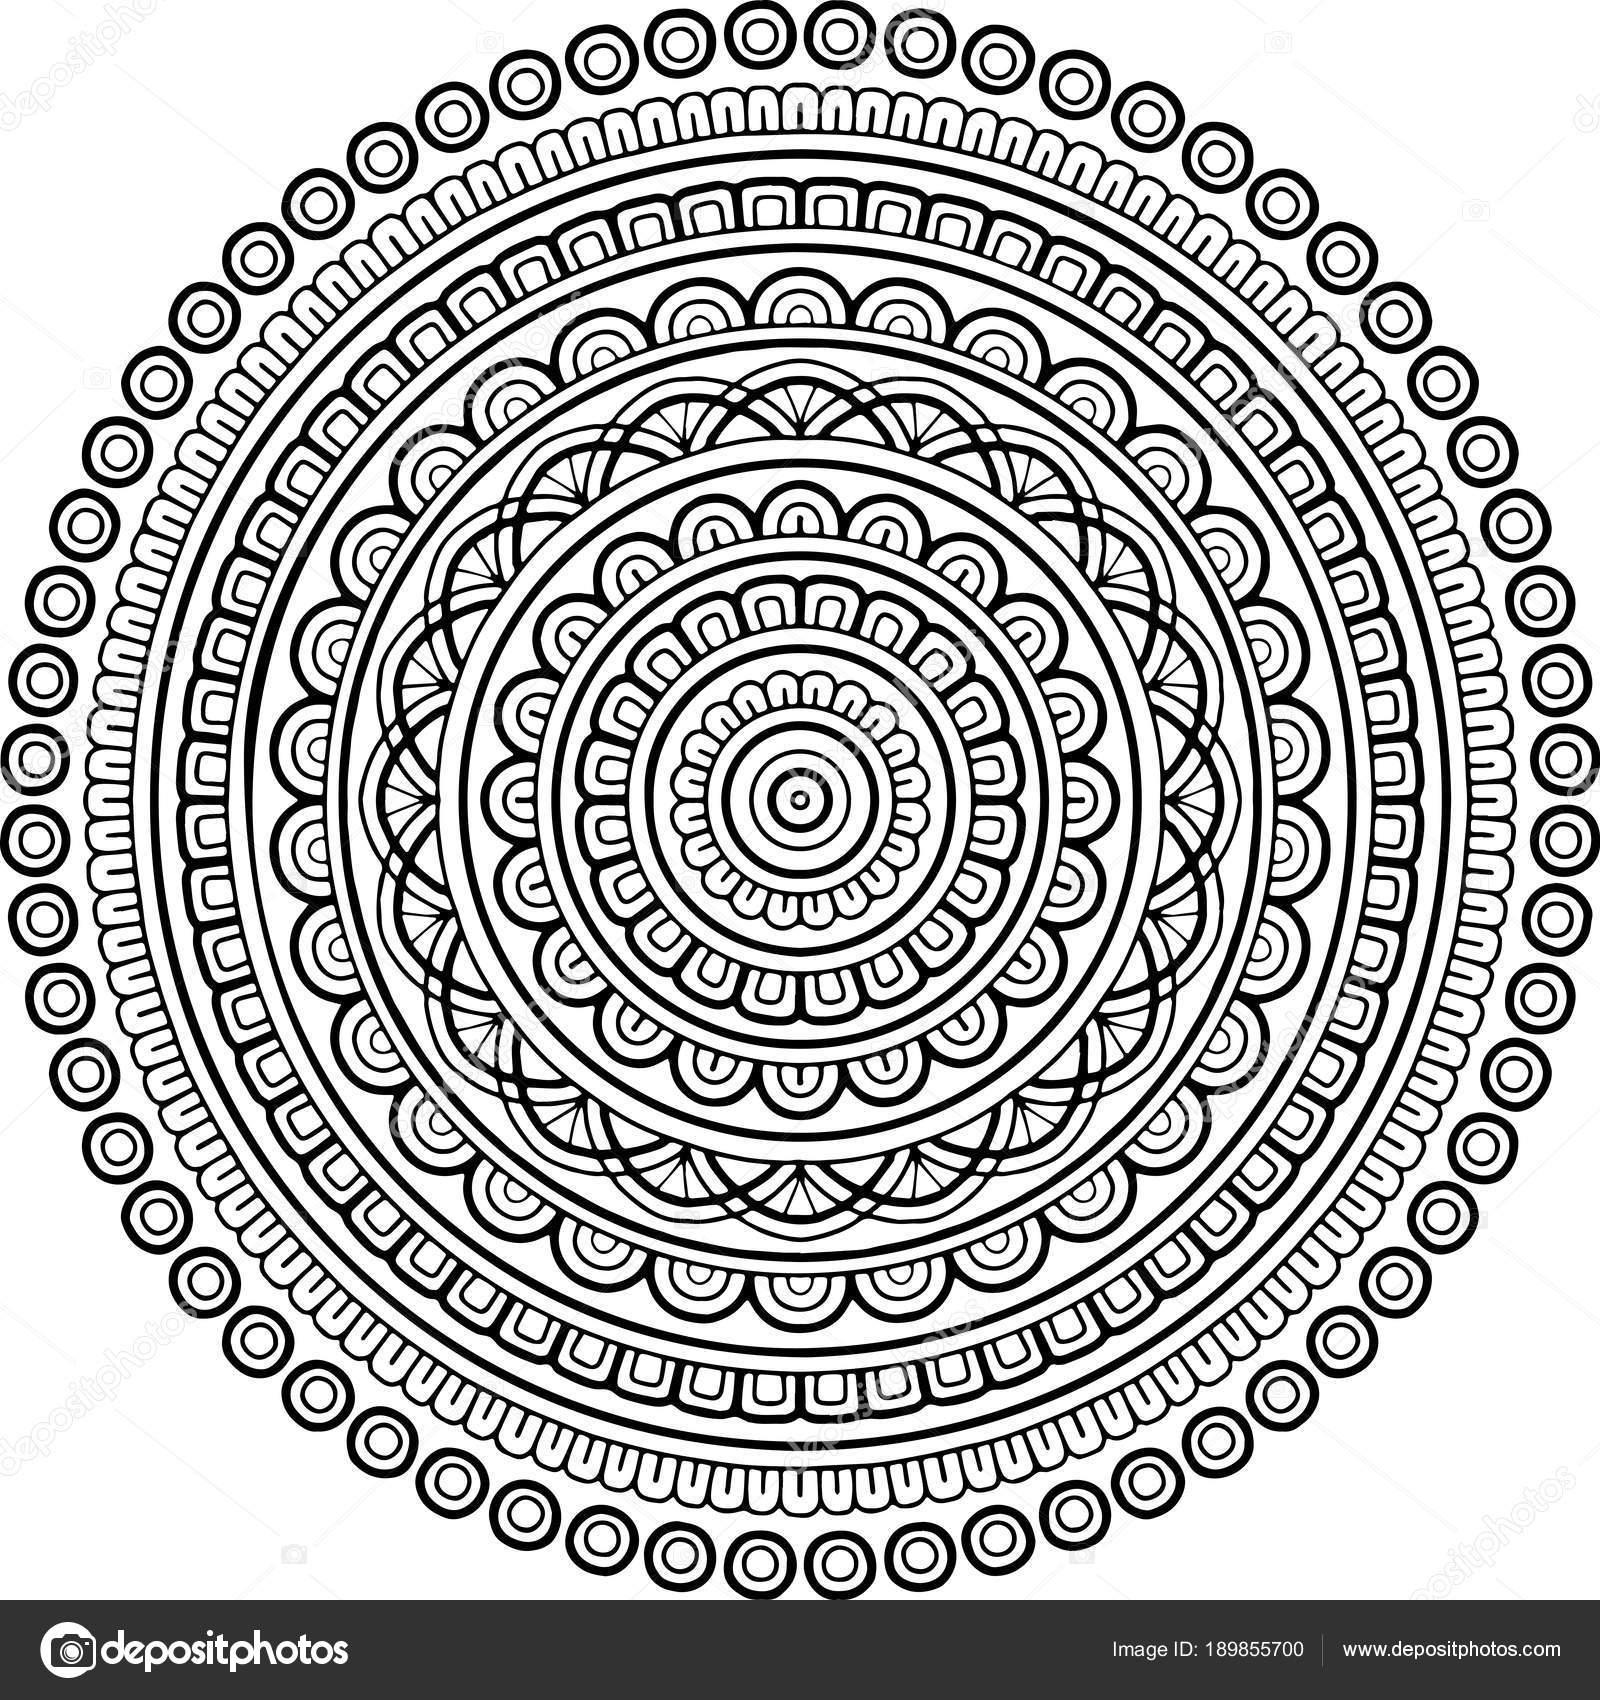 Cijfers Mandala Kleurplaten.Cijfer Mandala Om In Te Kleuren Stockvector C Tamsamtam 189855700